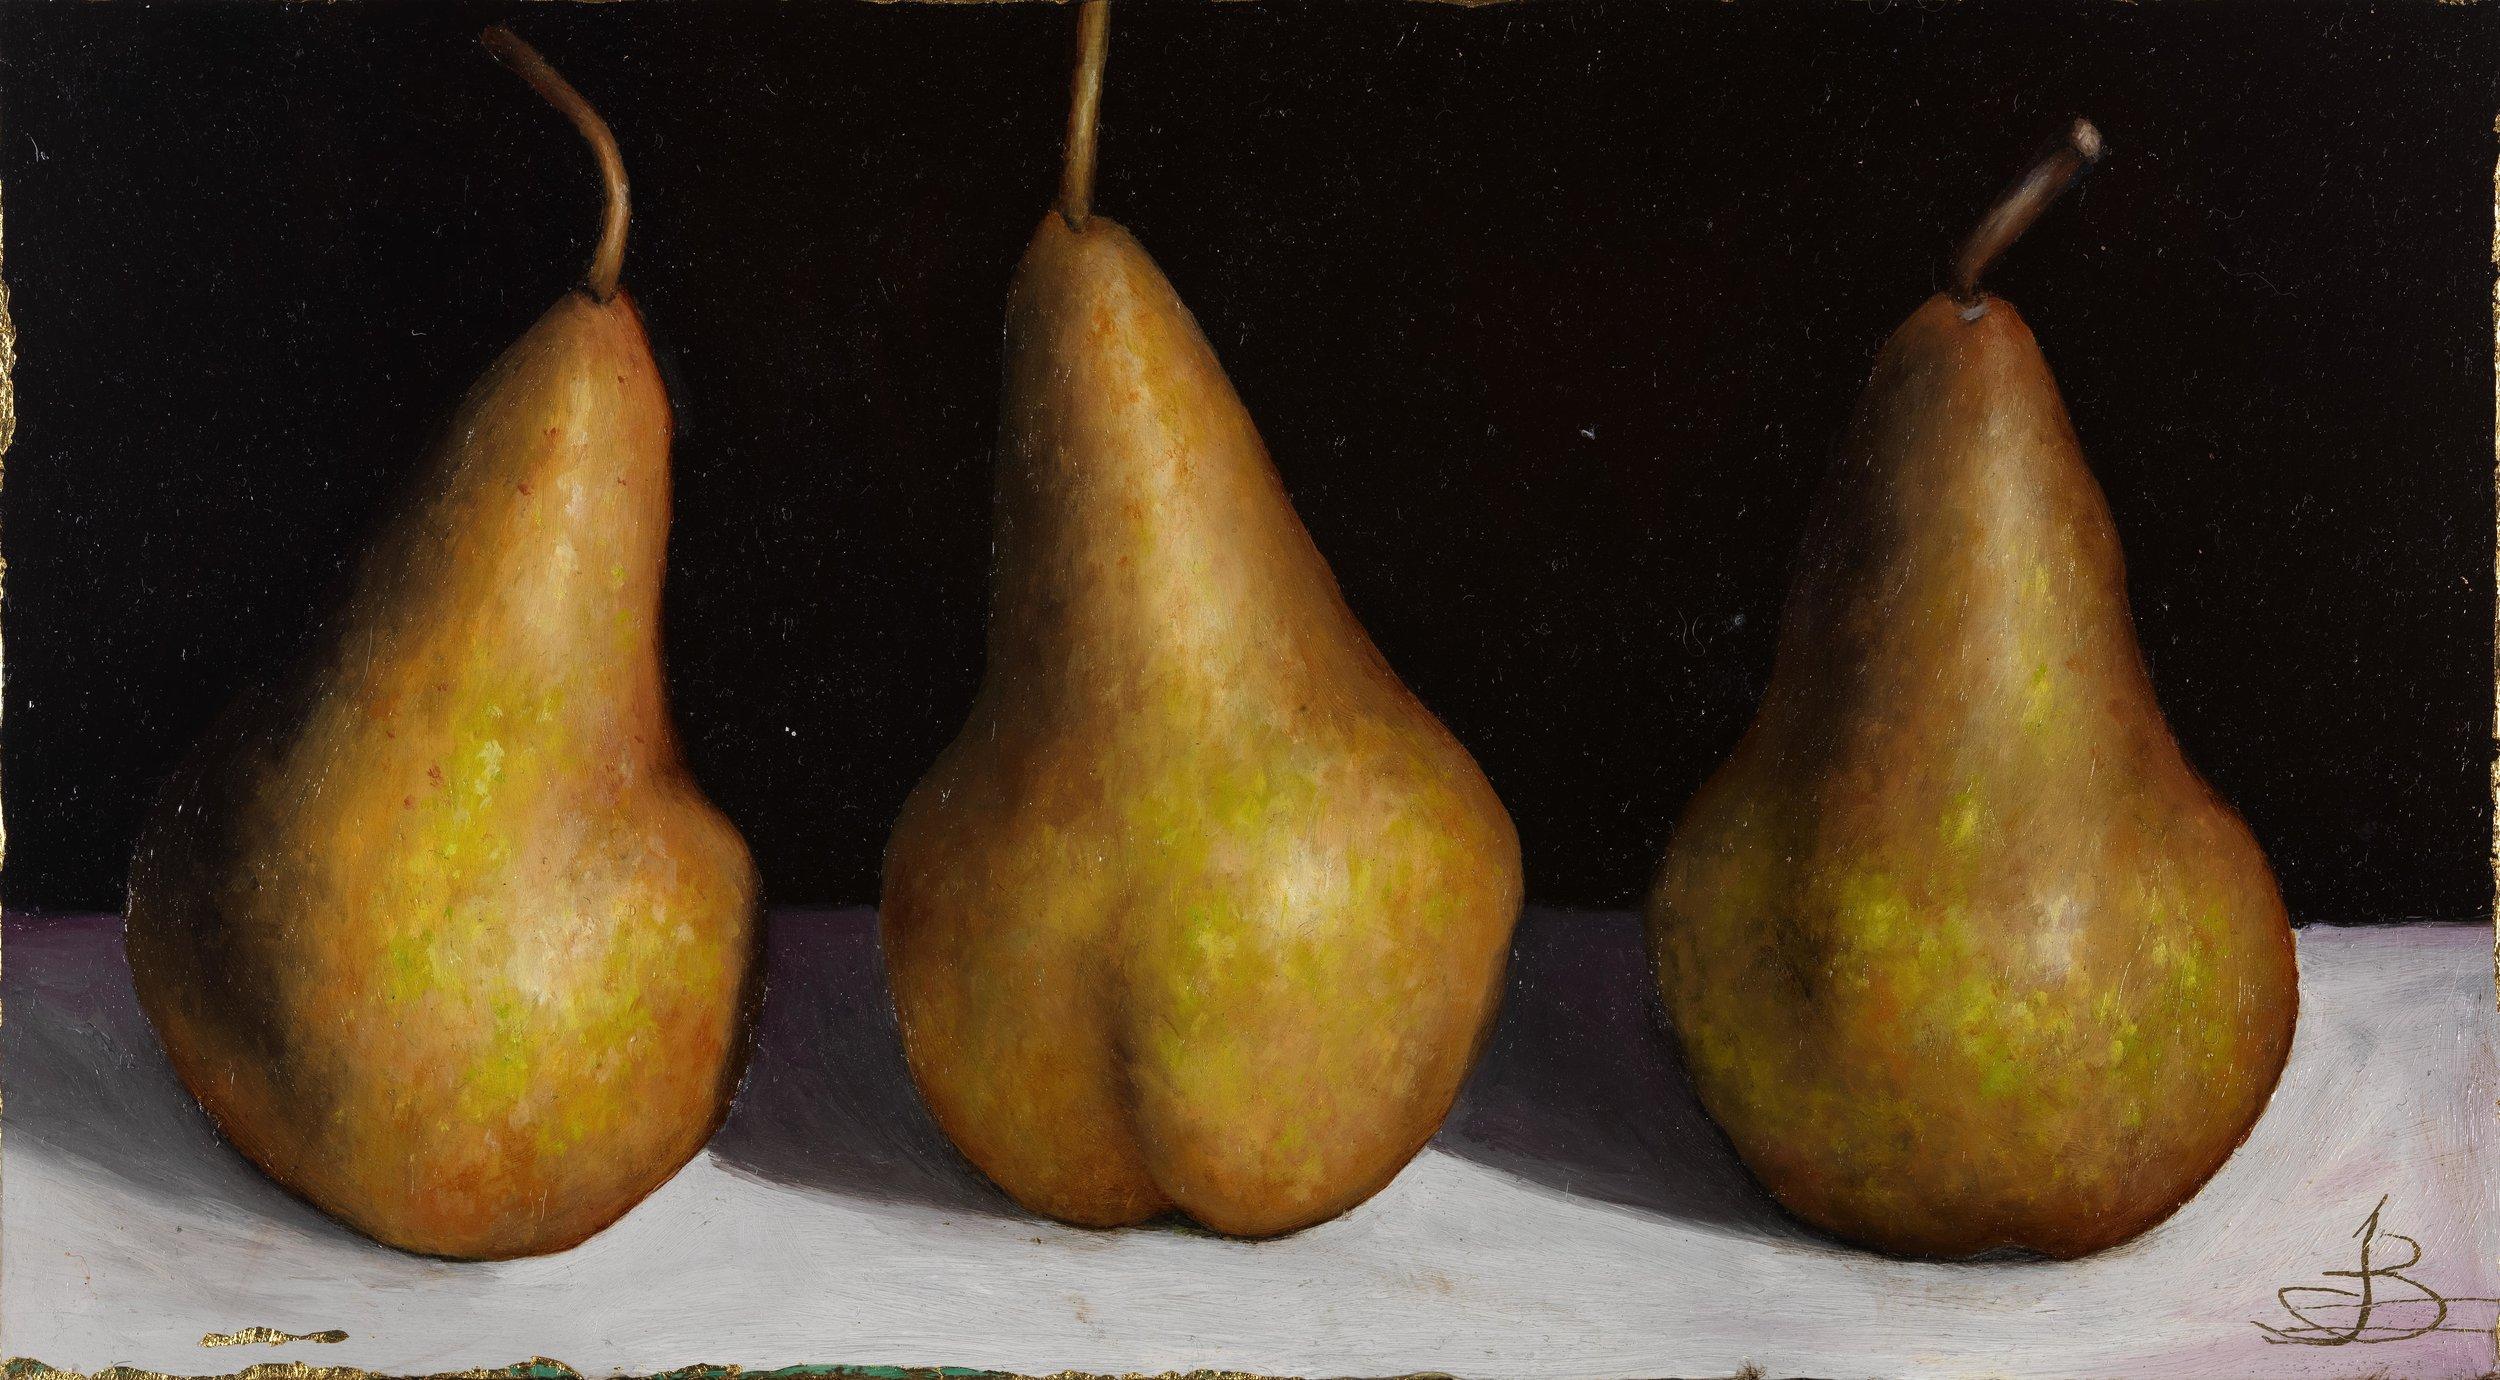 3 Bosc Pears